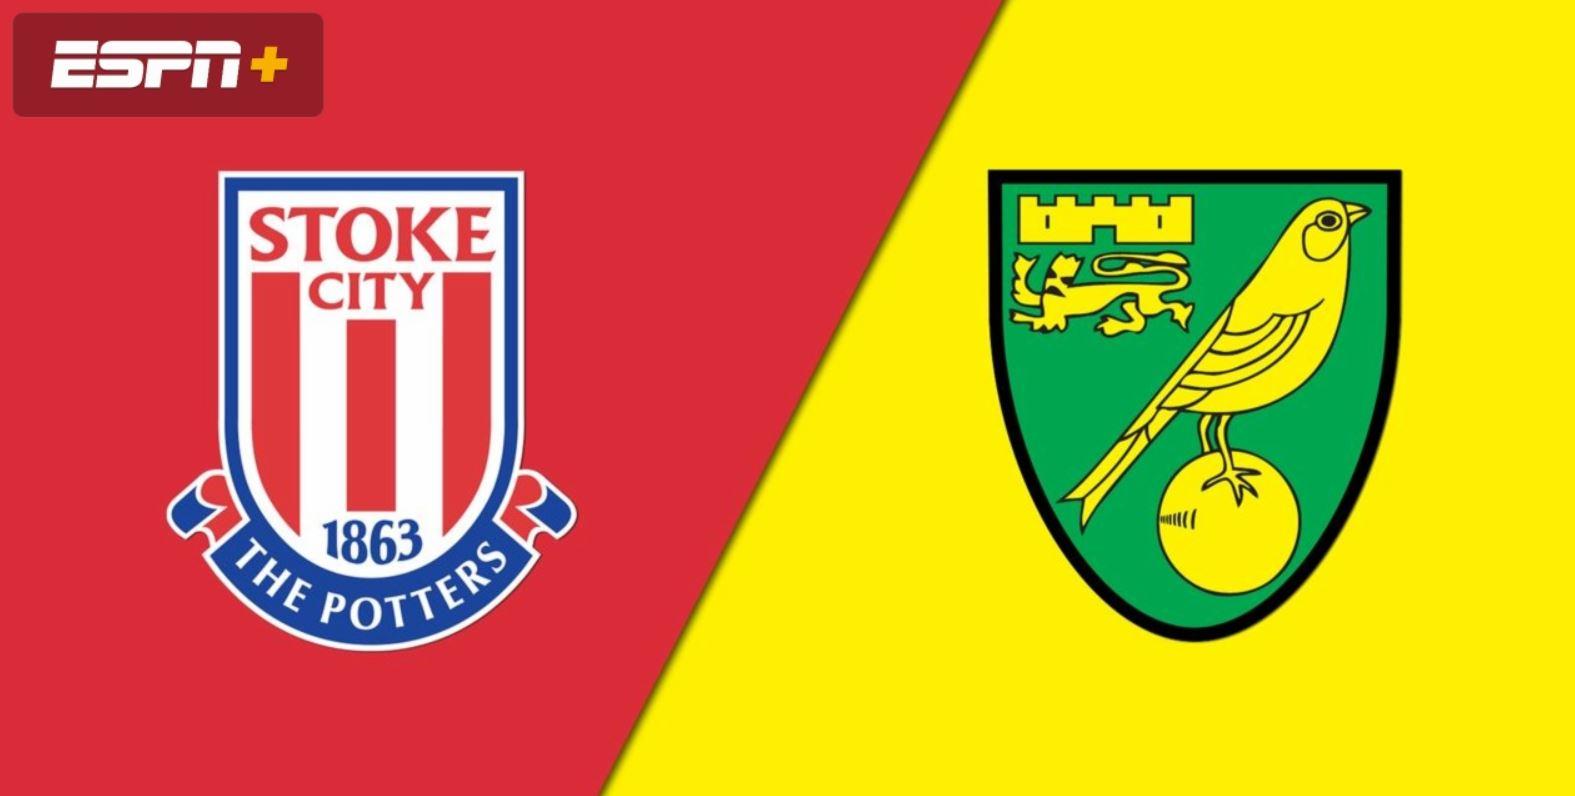 Prediksi Sepak Bola Stoke City vs Norwich City 25 November 2020 1 - marketpialadunia.com